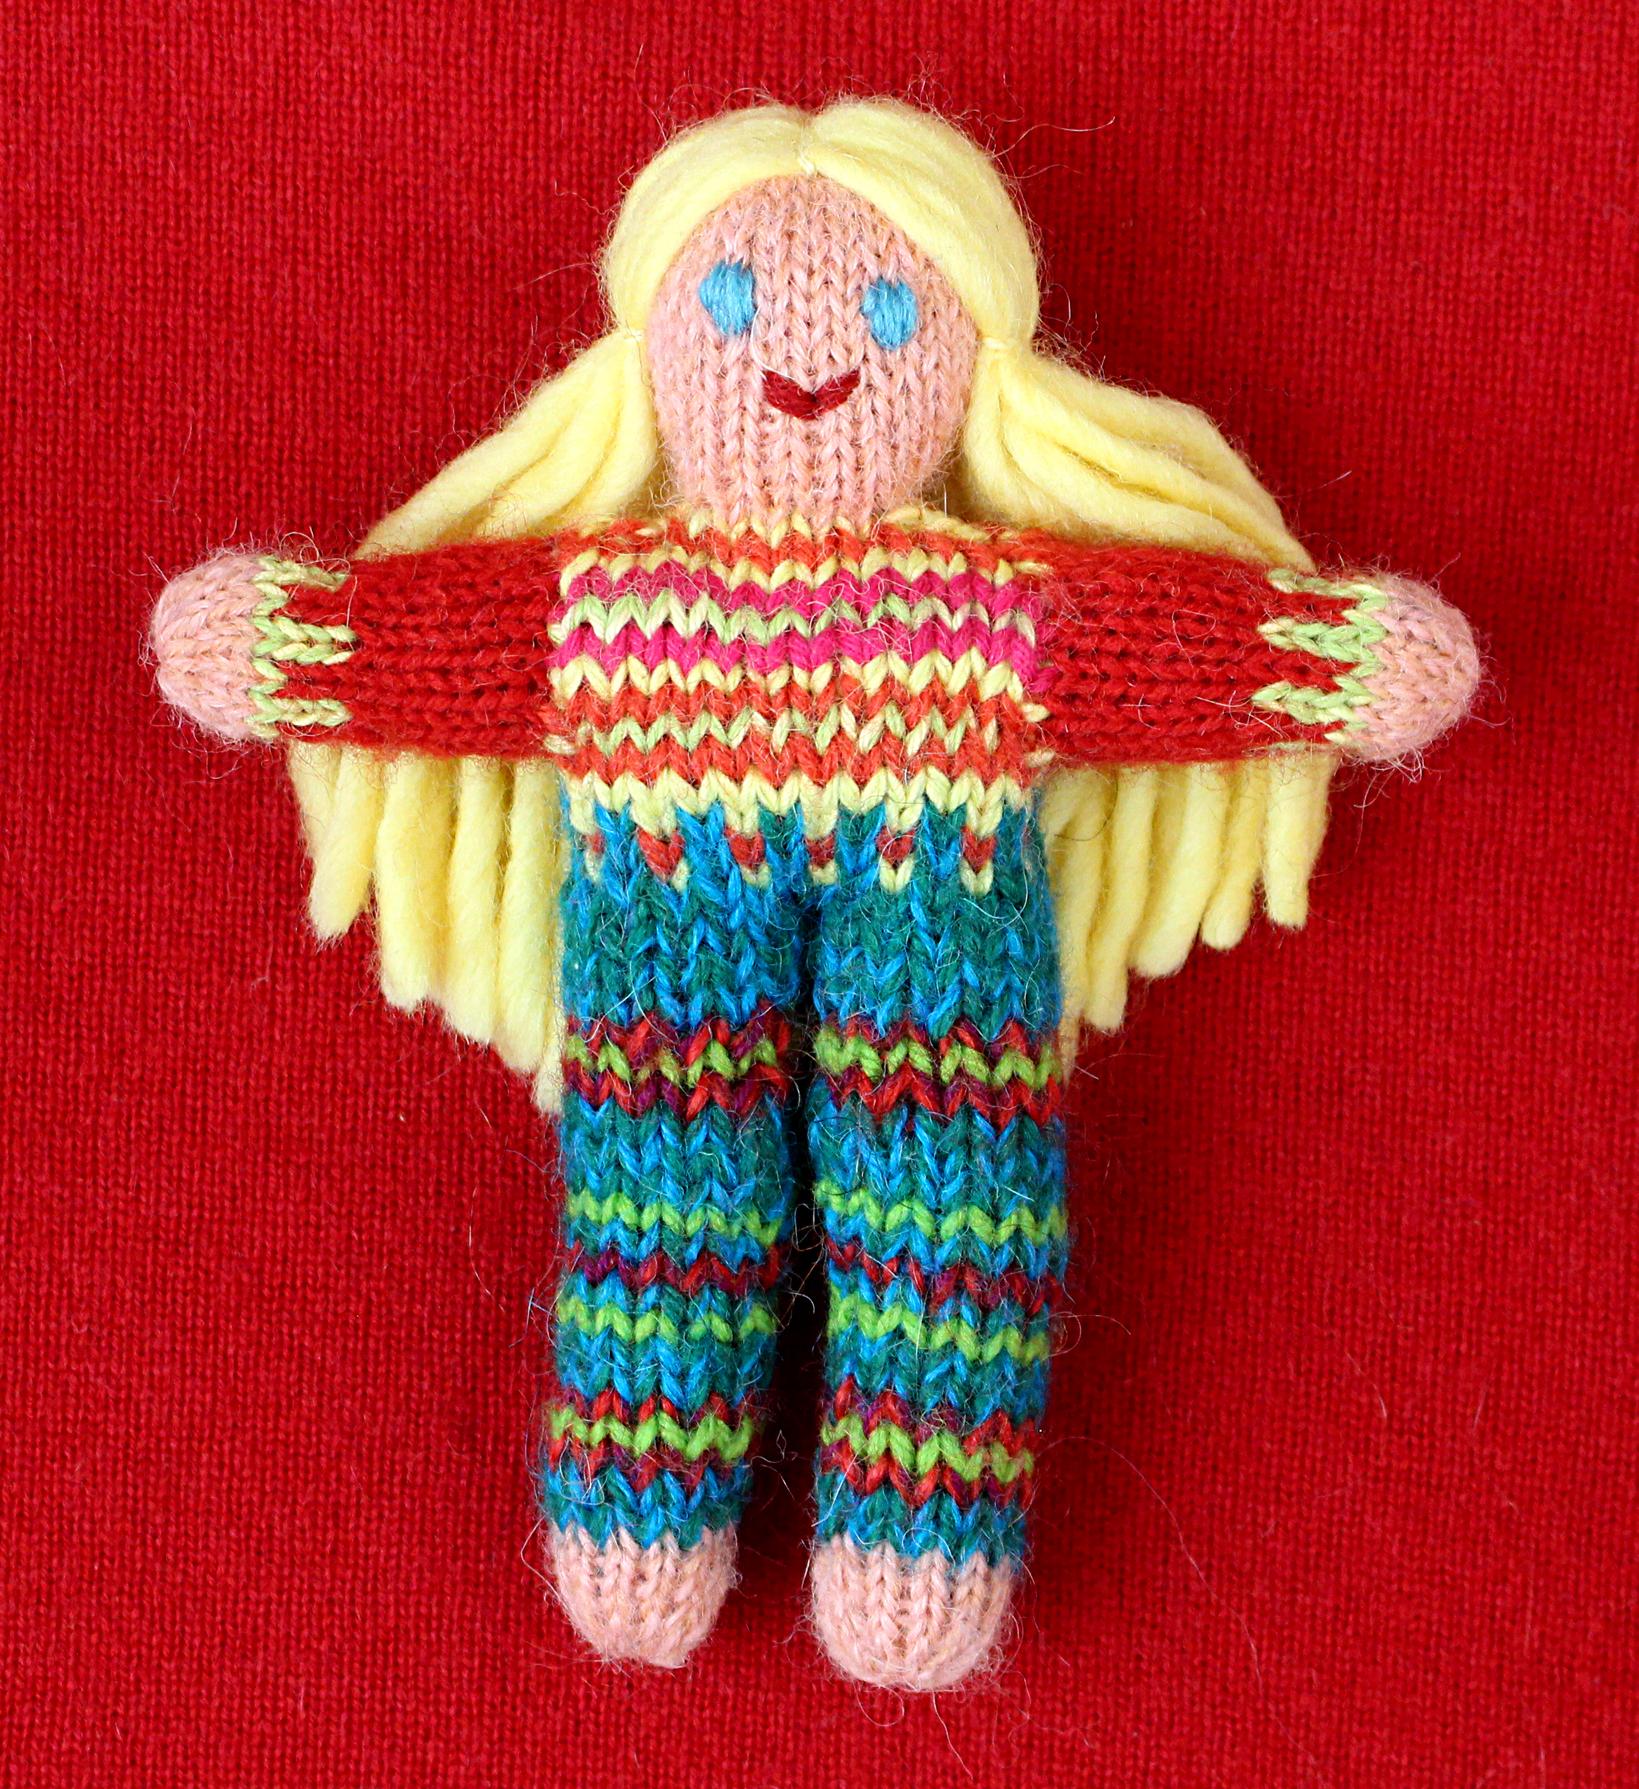 Wee Woolie doll #D0226.